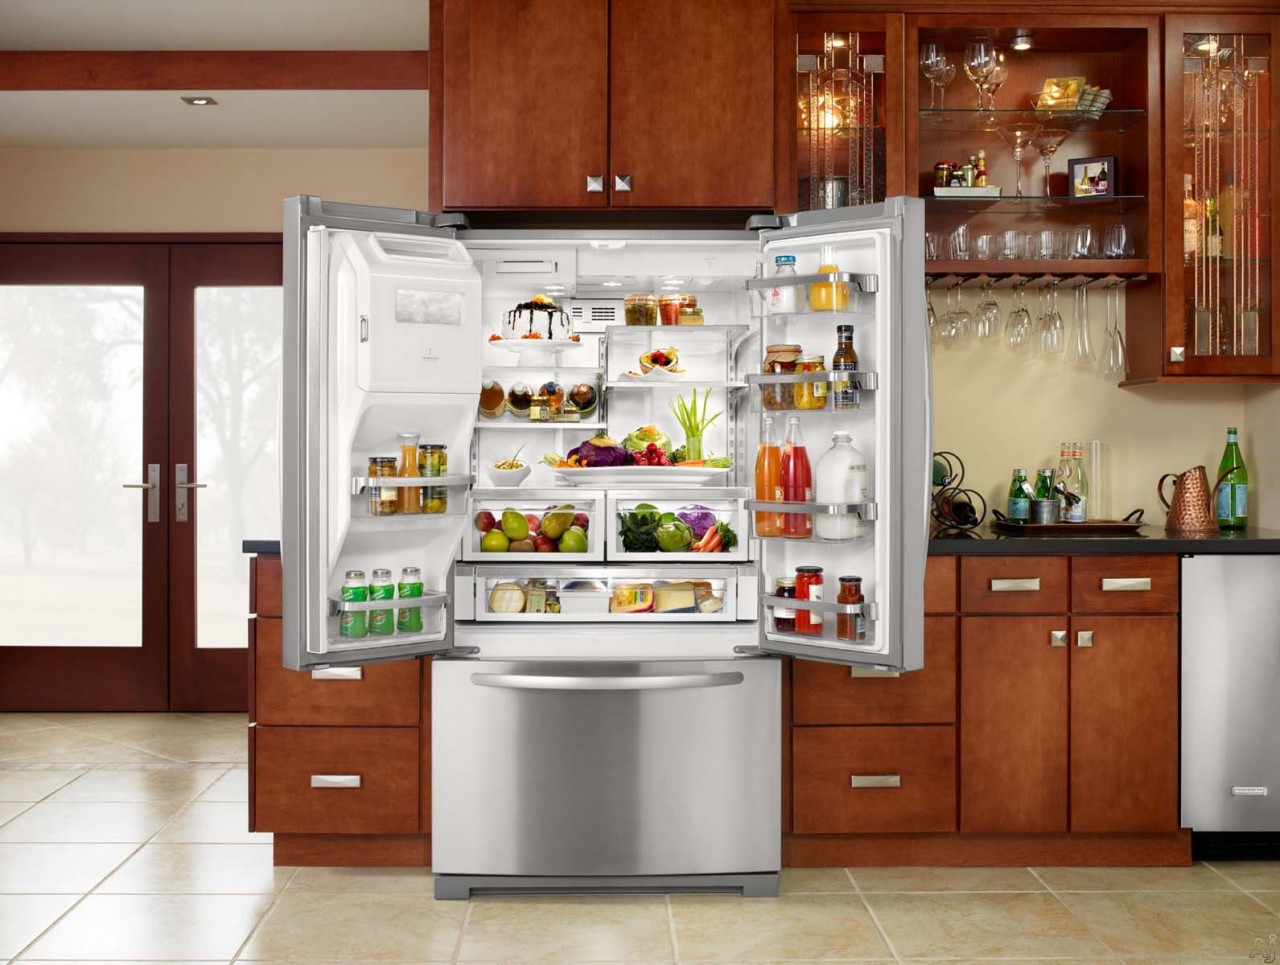 Самые нестандартные способы использования холодильного оборудования